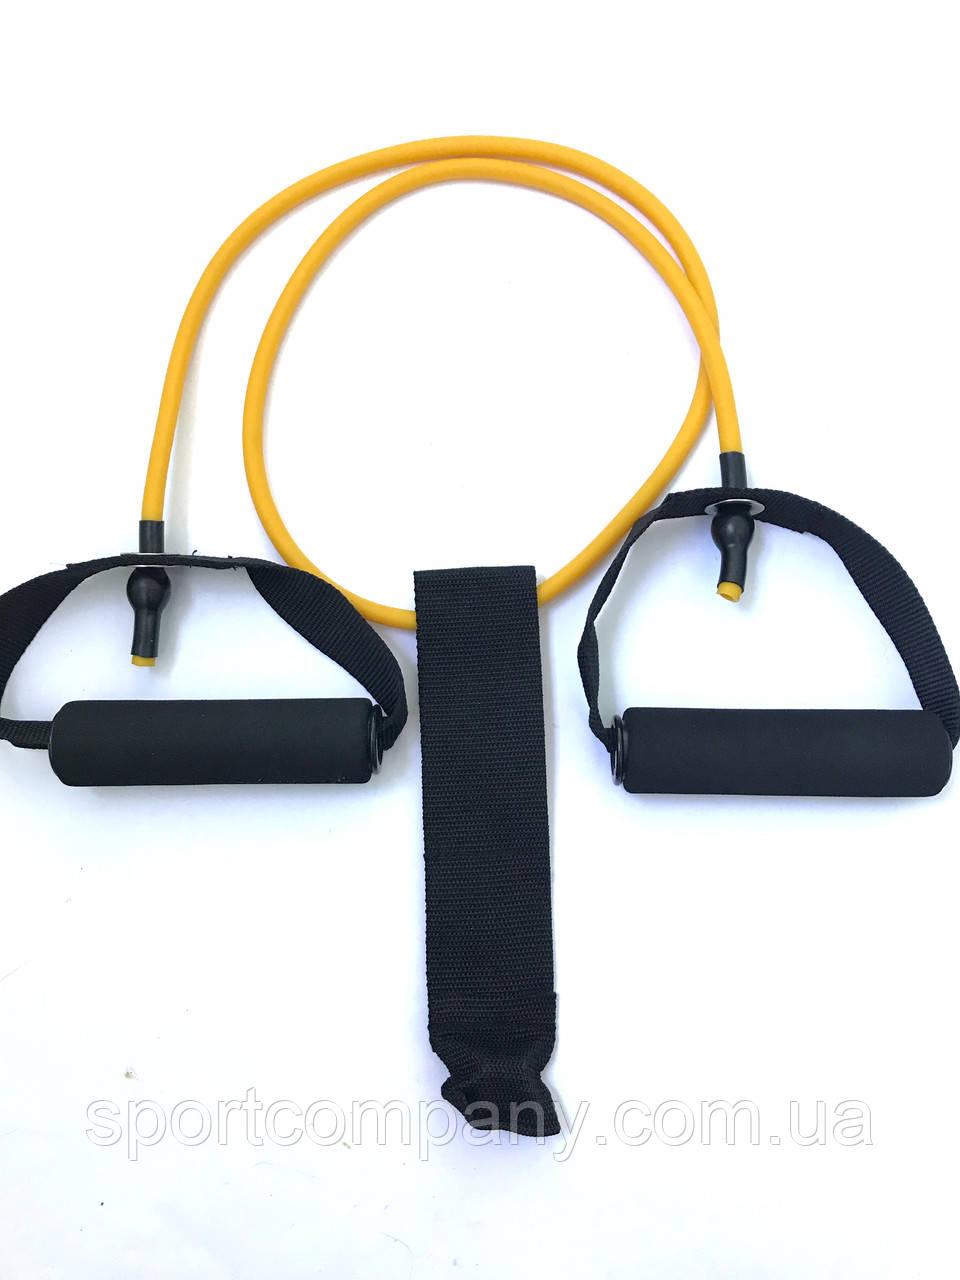 Эспандер 1.2 метр желтый 8 мм + дверной якорь